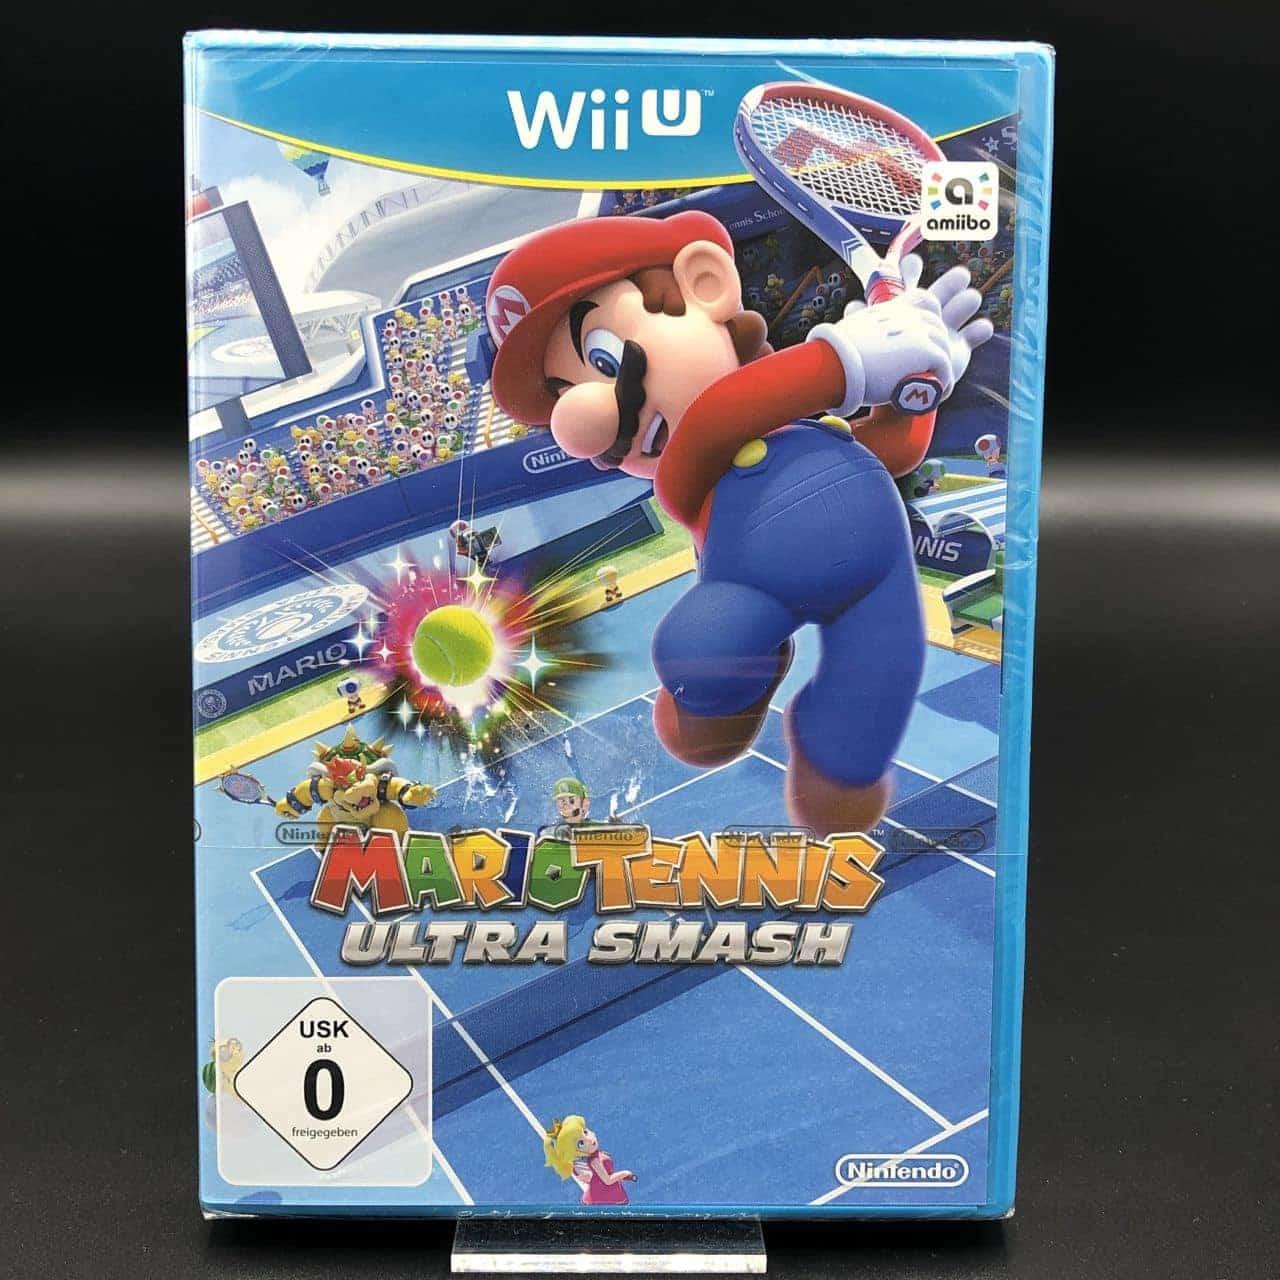 Mario Tennis: Ultra Smash (NEU) Nintendo WiiU